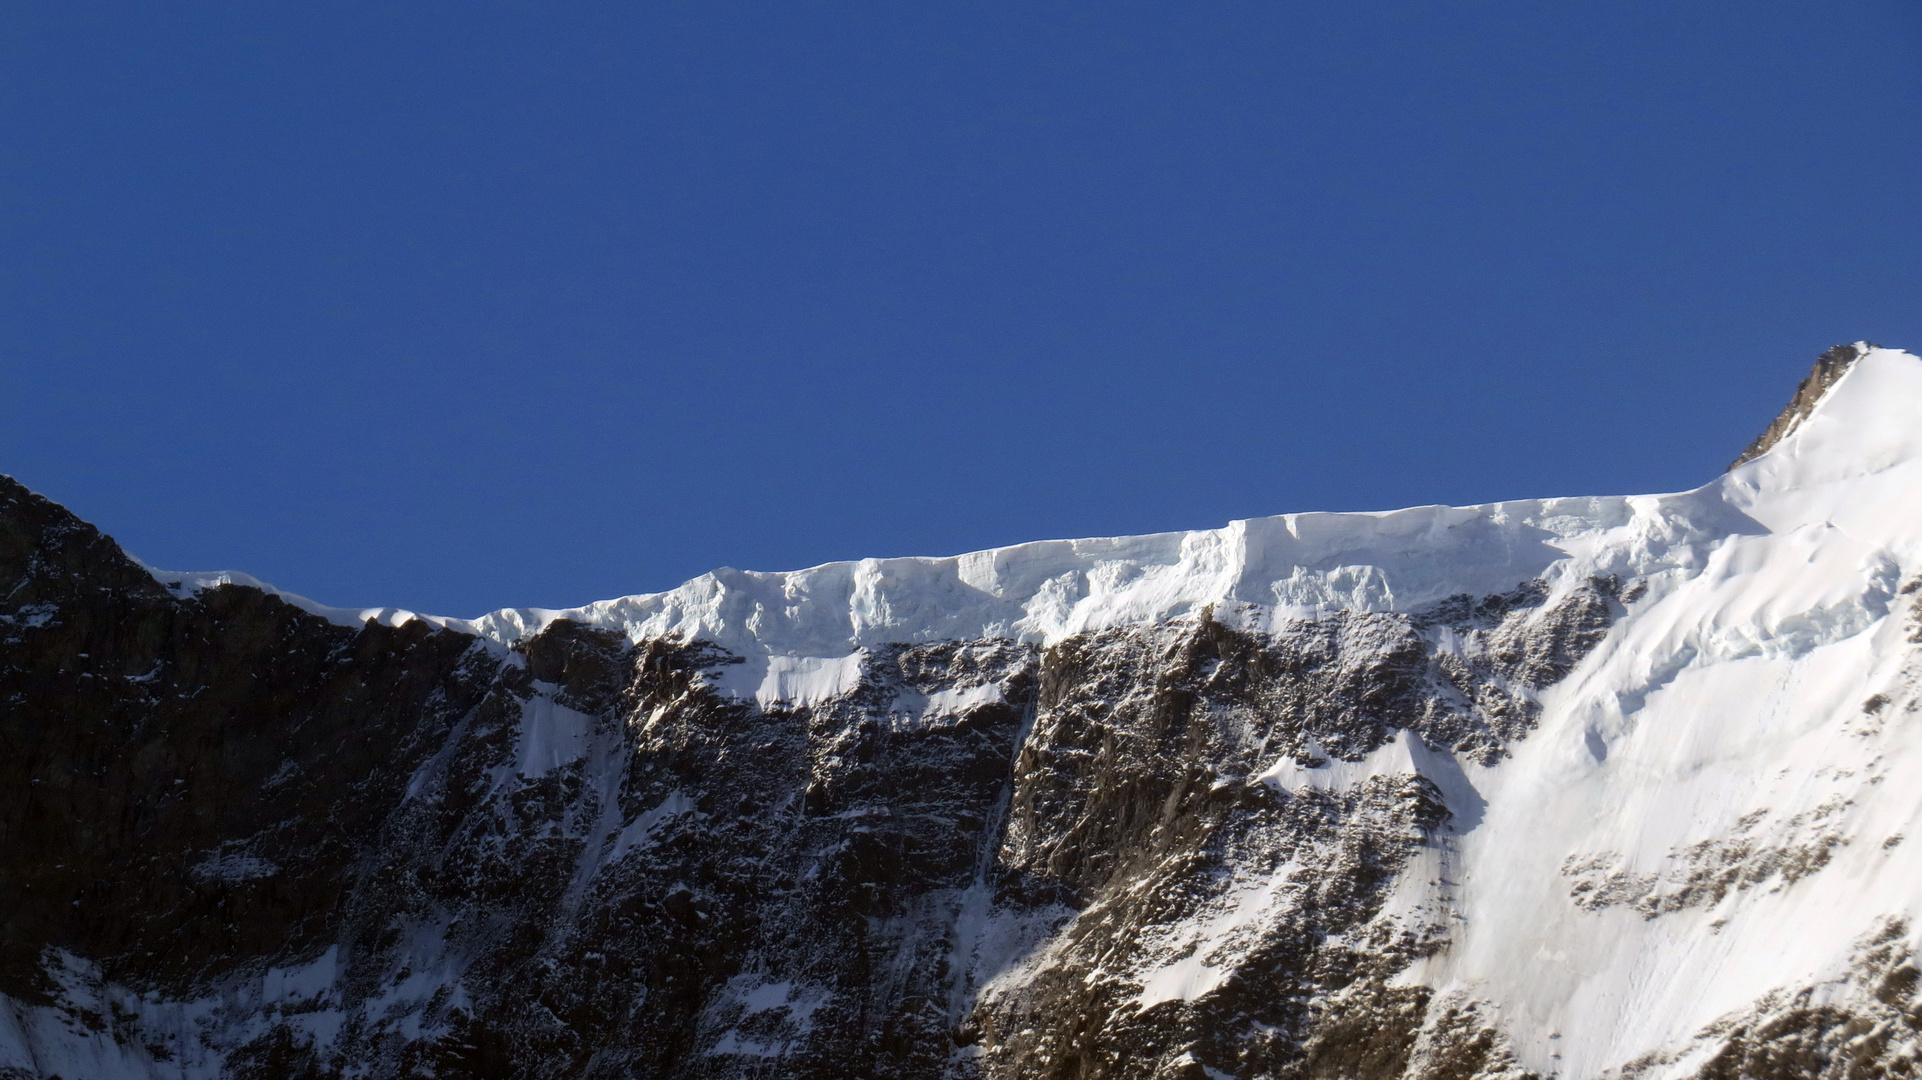 Gletscherabbruch am Schreckhorn